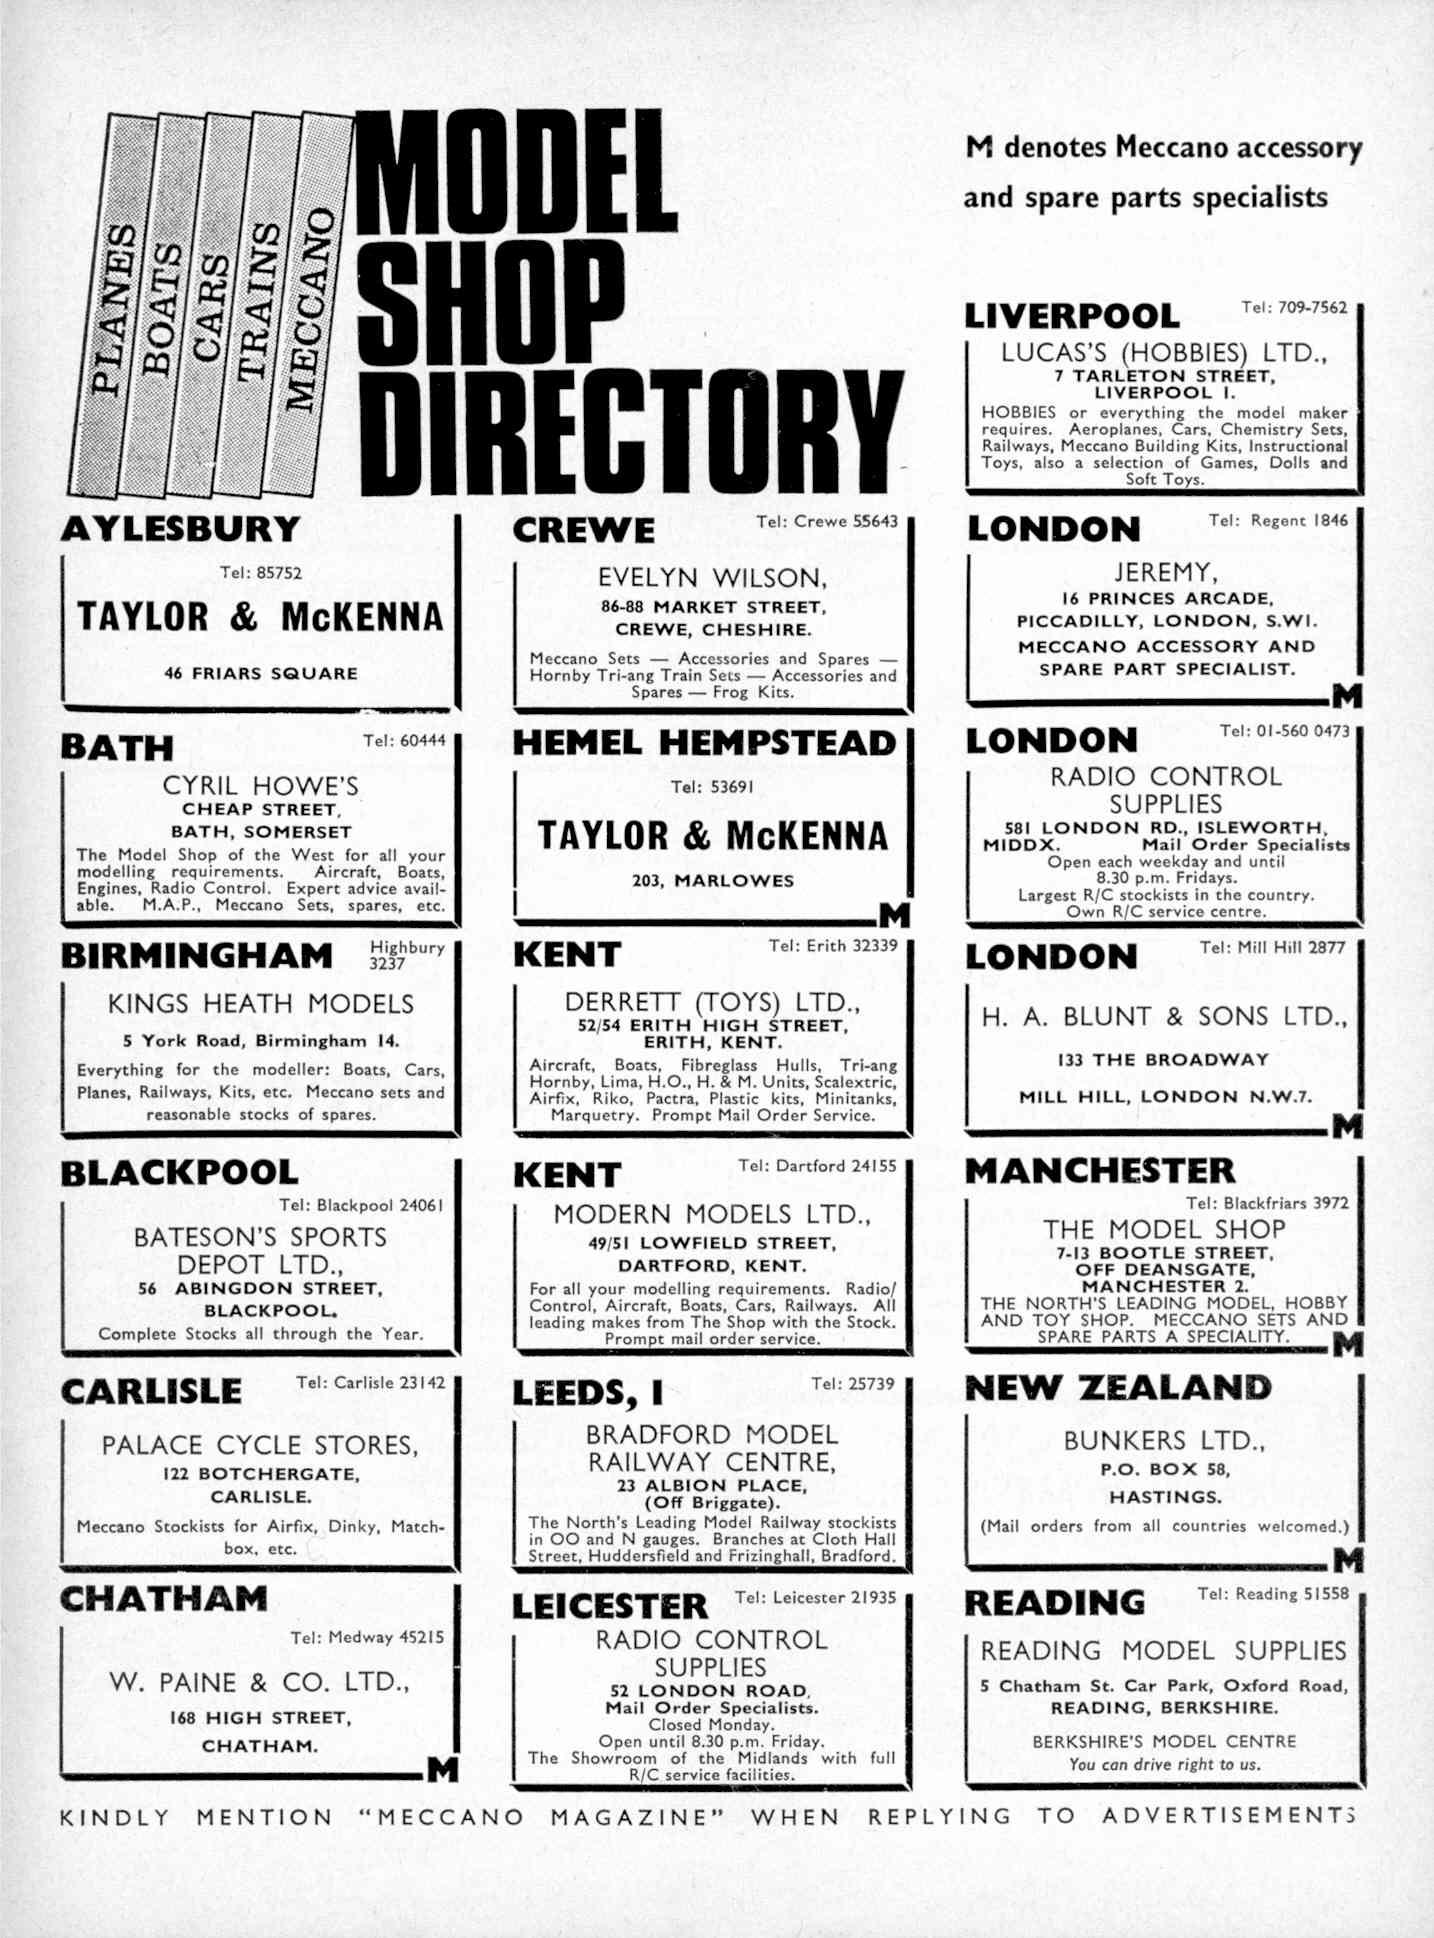 UK Meccano Magazine October 1970 Page 573